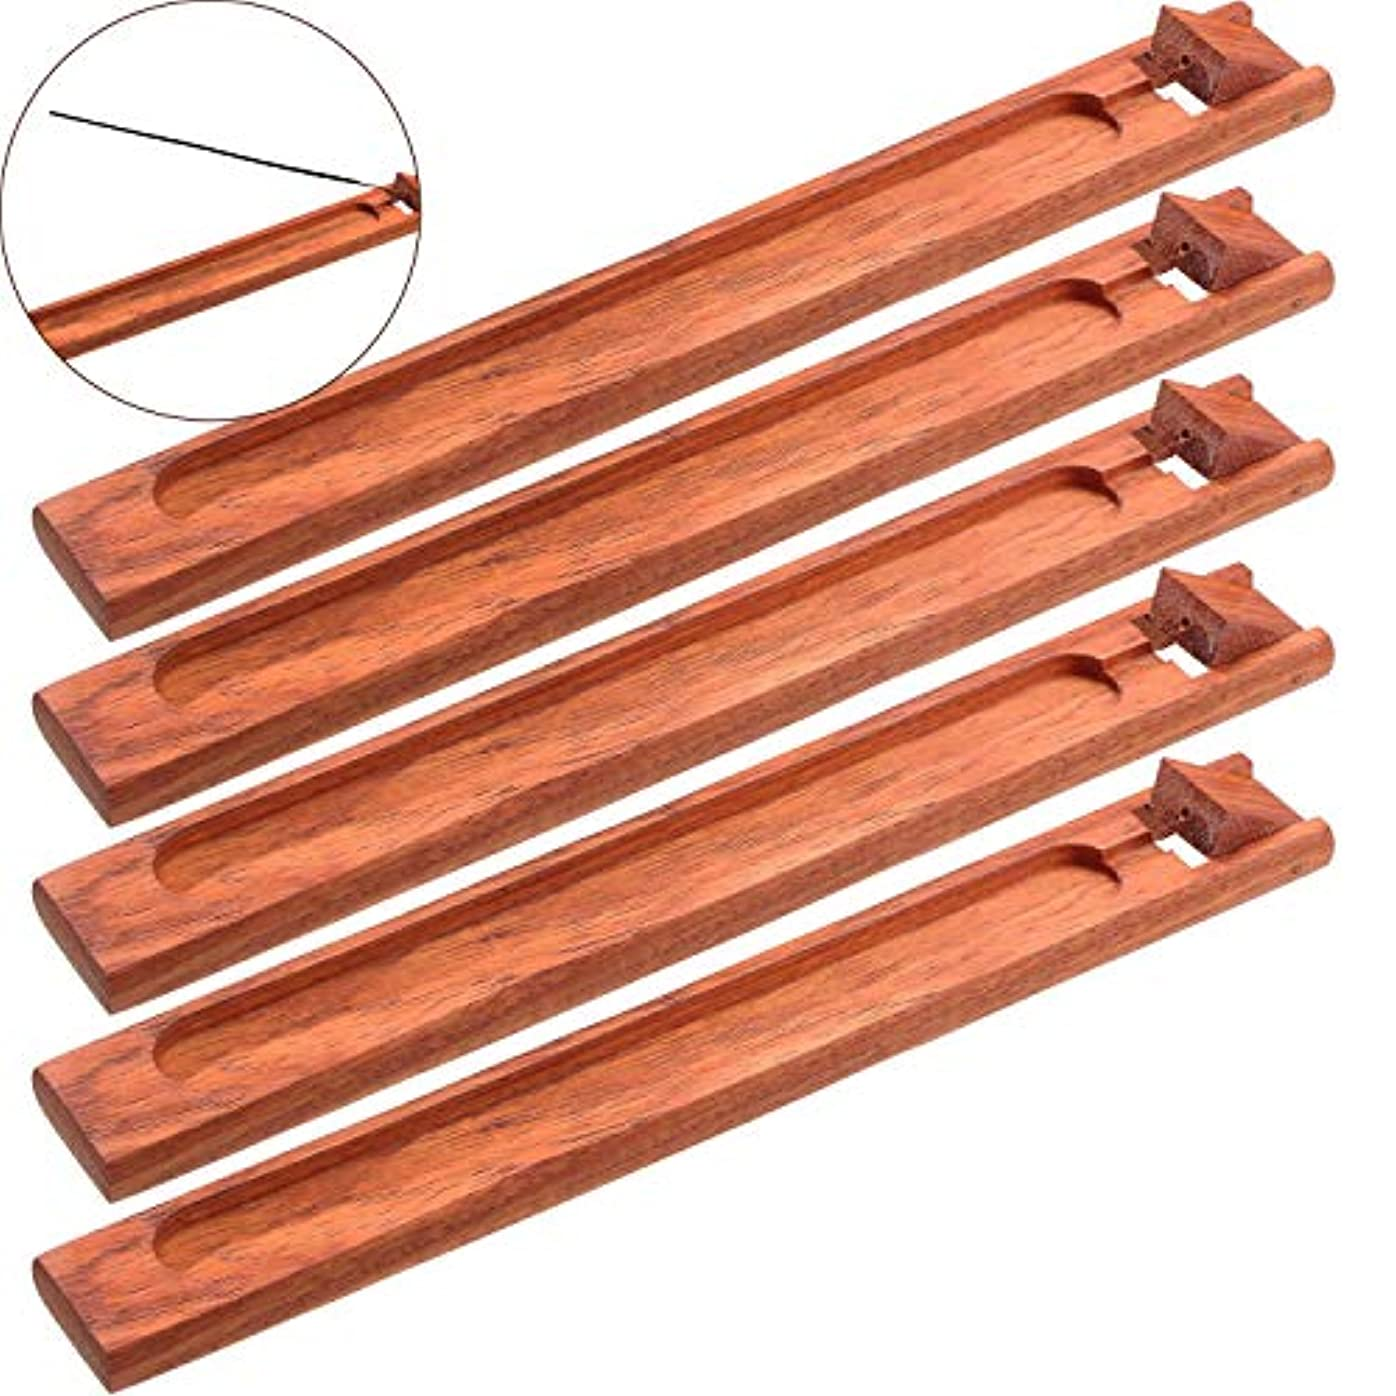 飢えたびっくり精緻化Boao お香立て 5本セット 灰受け 9.06インチの長さ レッド Boao-Bamboo Incense Holder-01